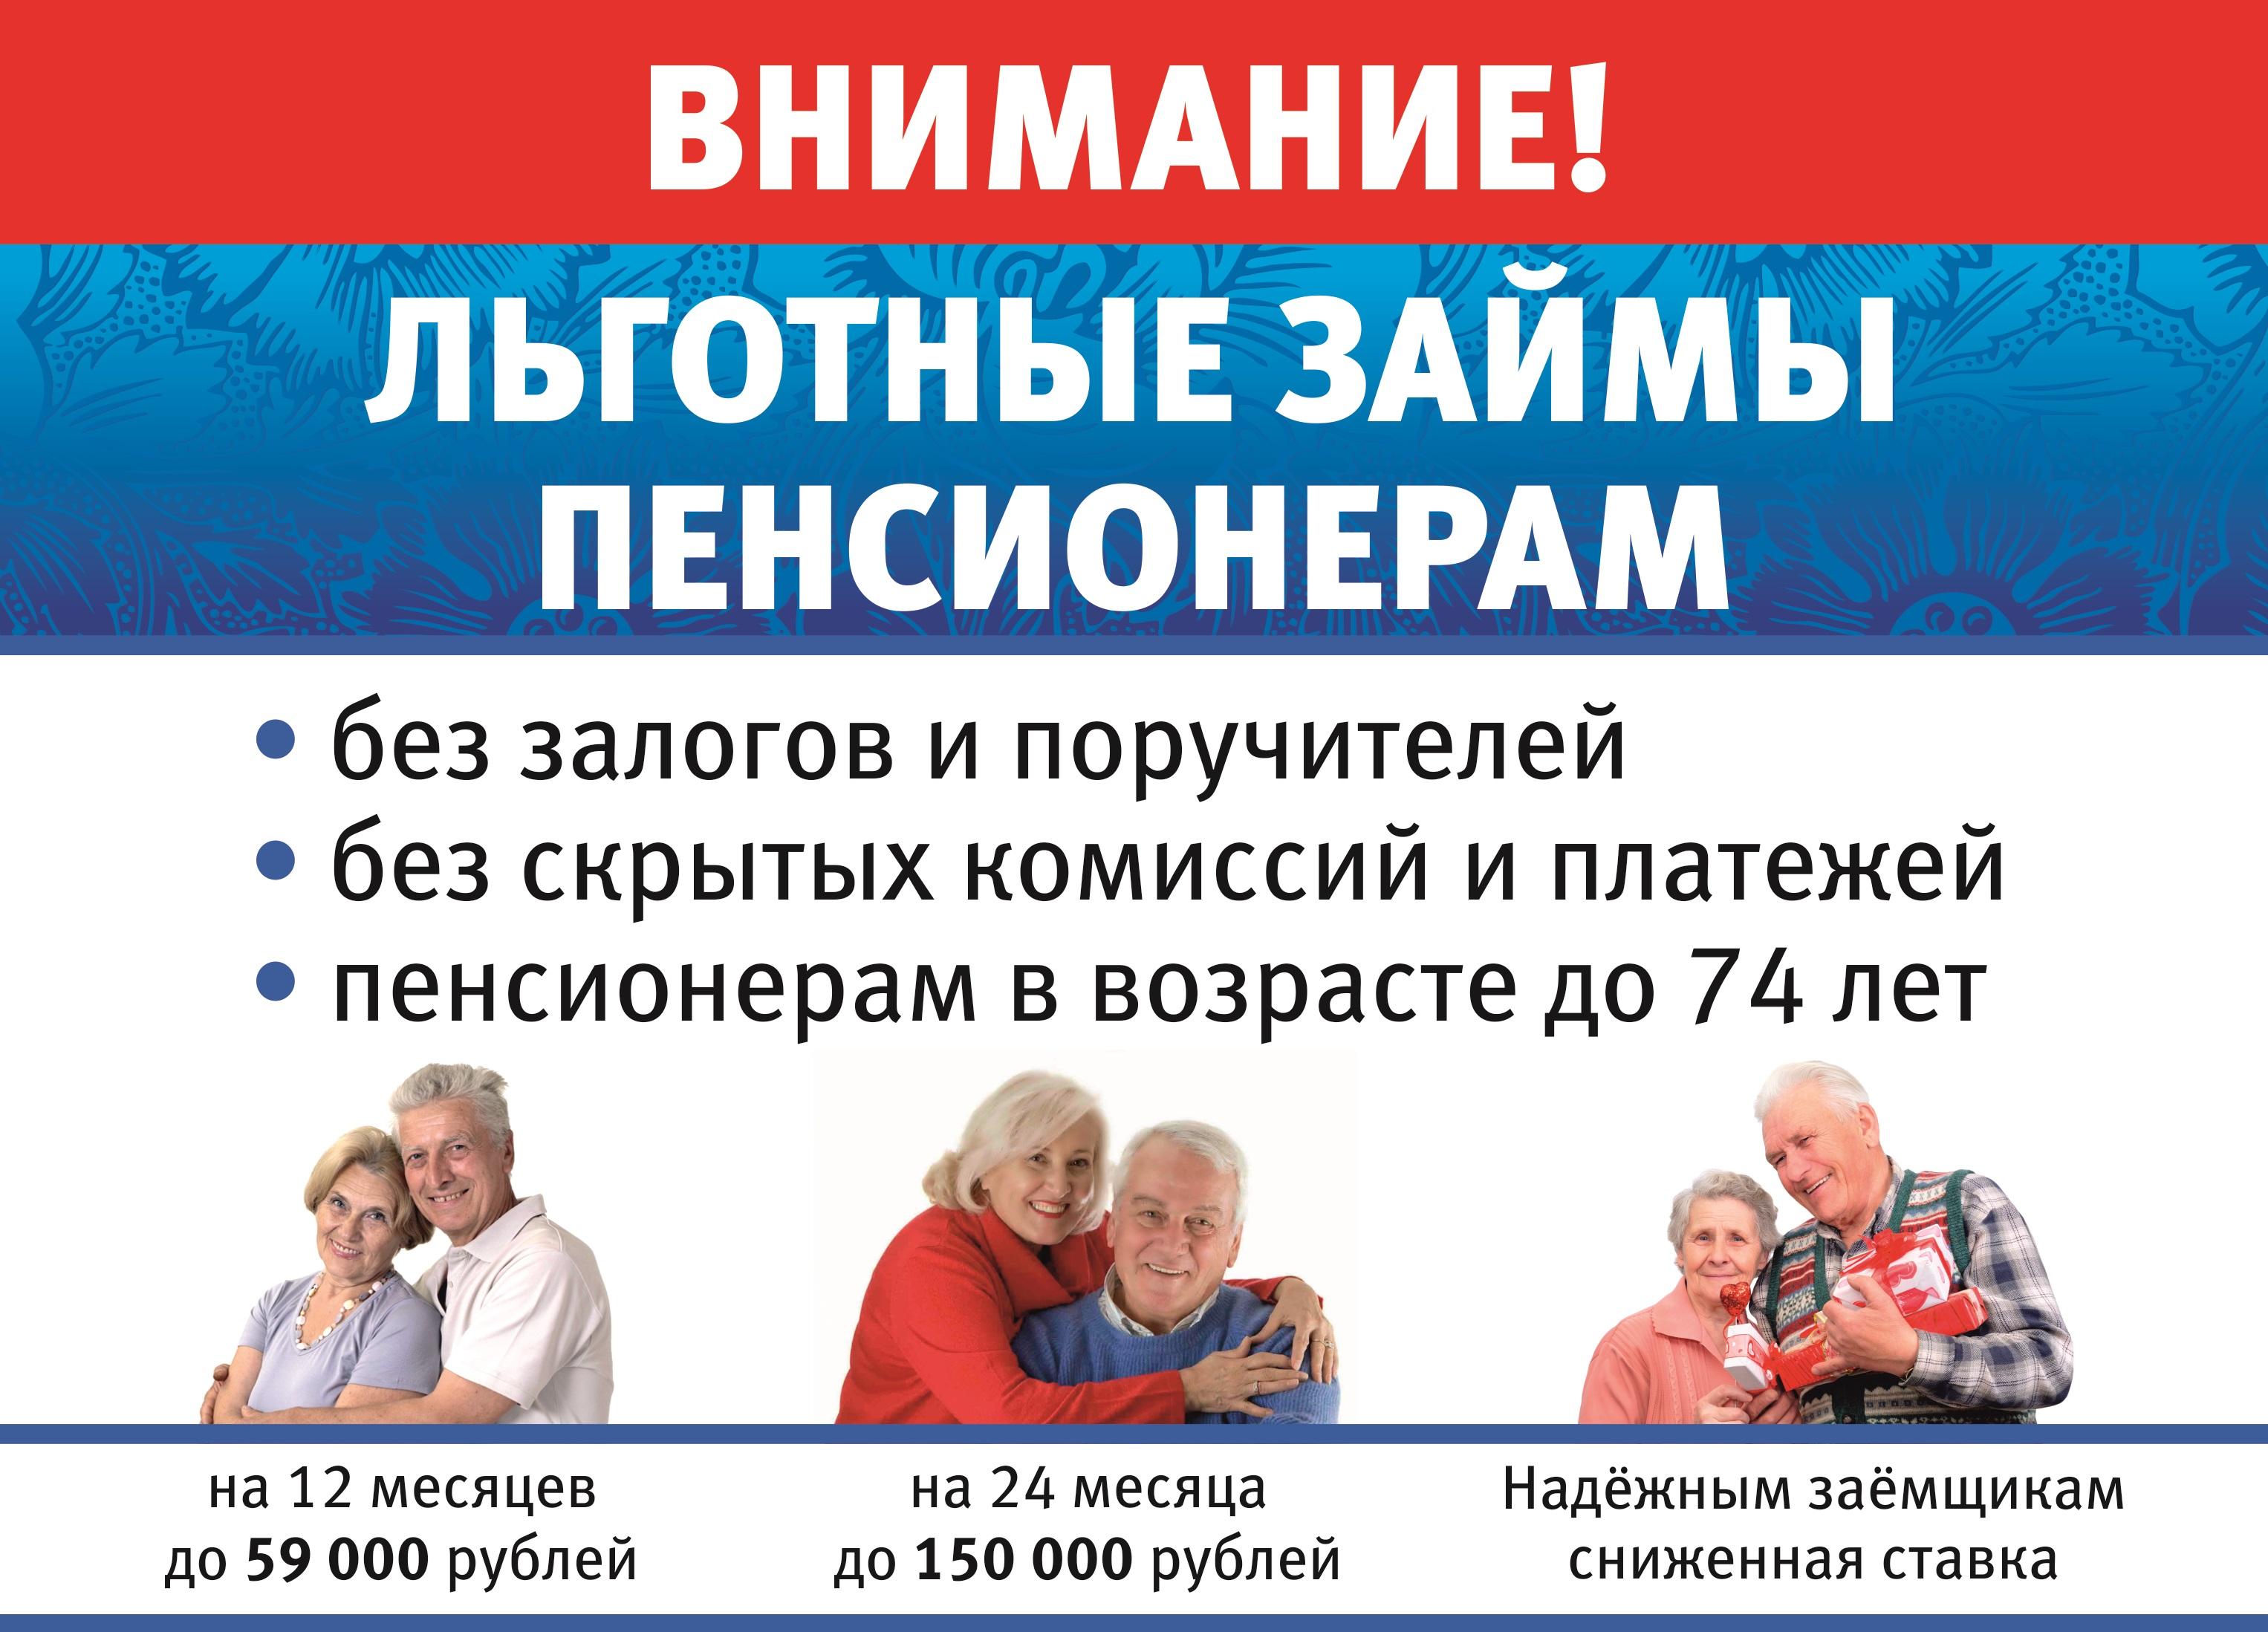 Льготные займы пенсионерам!